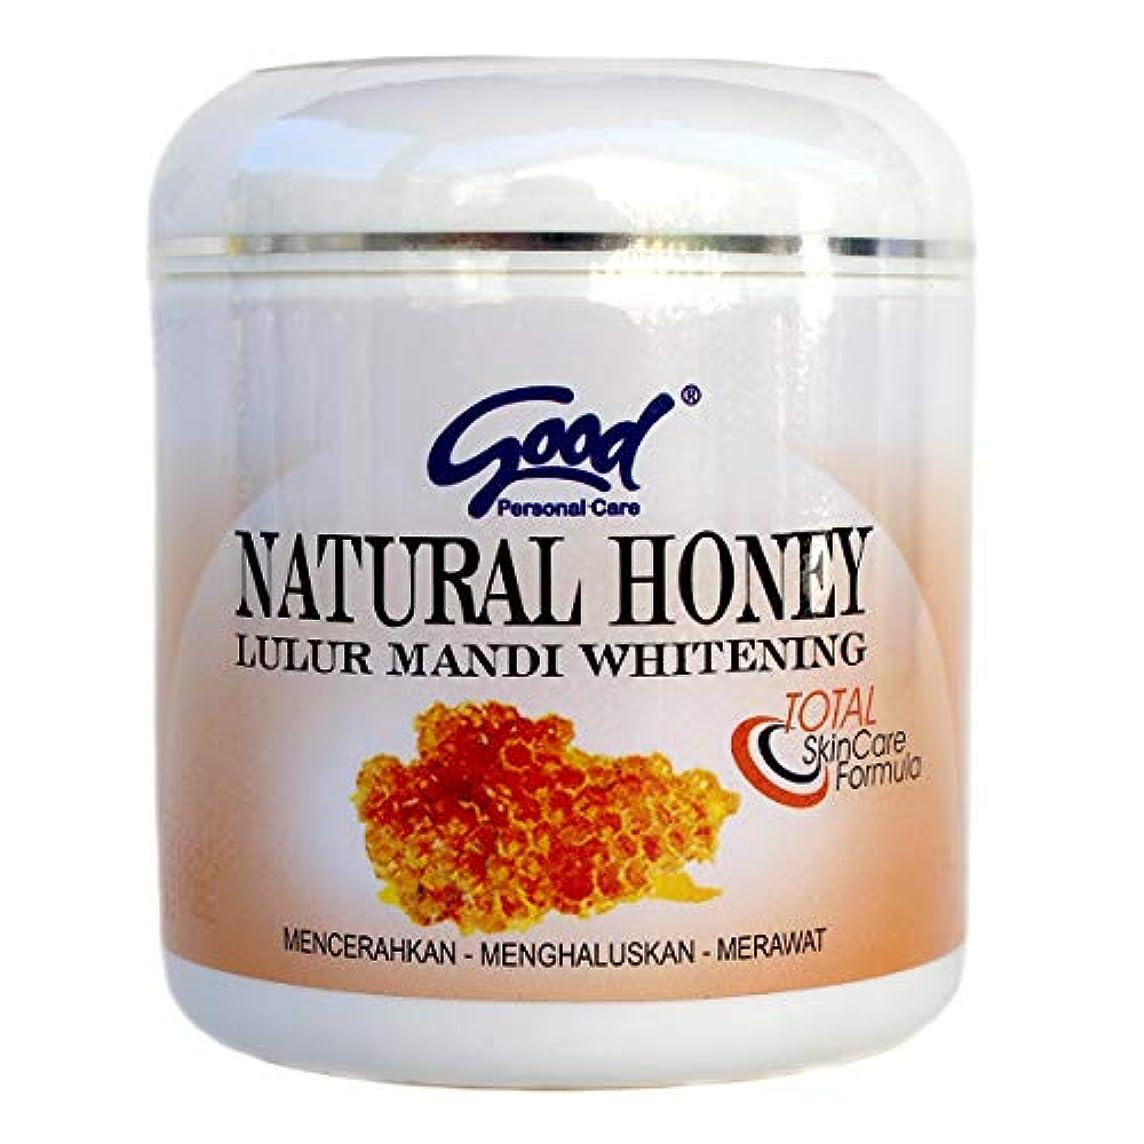 ビバ有望暖かくgood グッド インドネシアバリ島の伝統的なボディスクラブ Lulur Mandi マンディルルール 200g Natural Honey ナチュラルハニー [海外直送品]